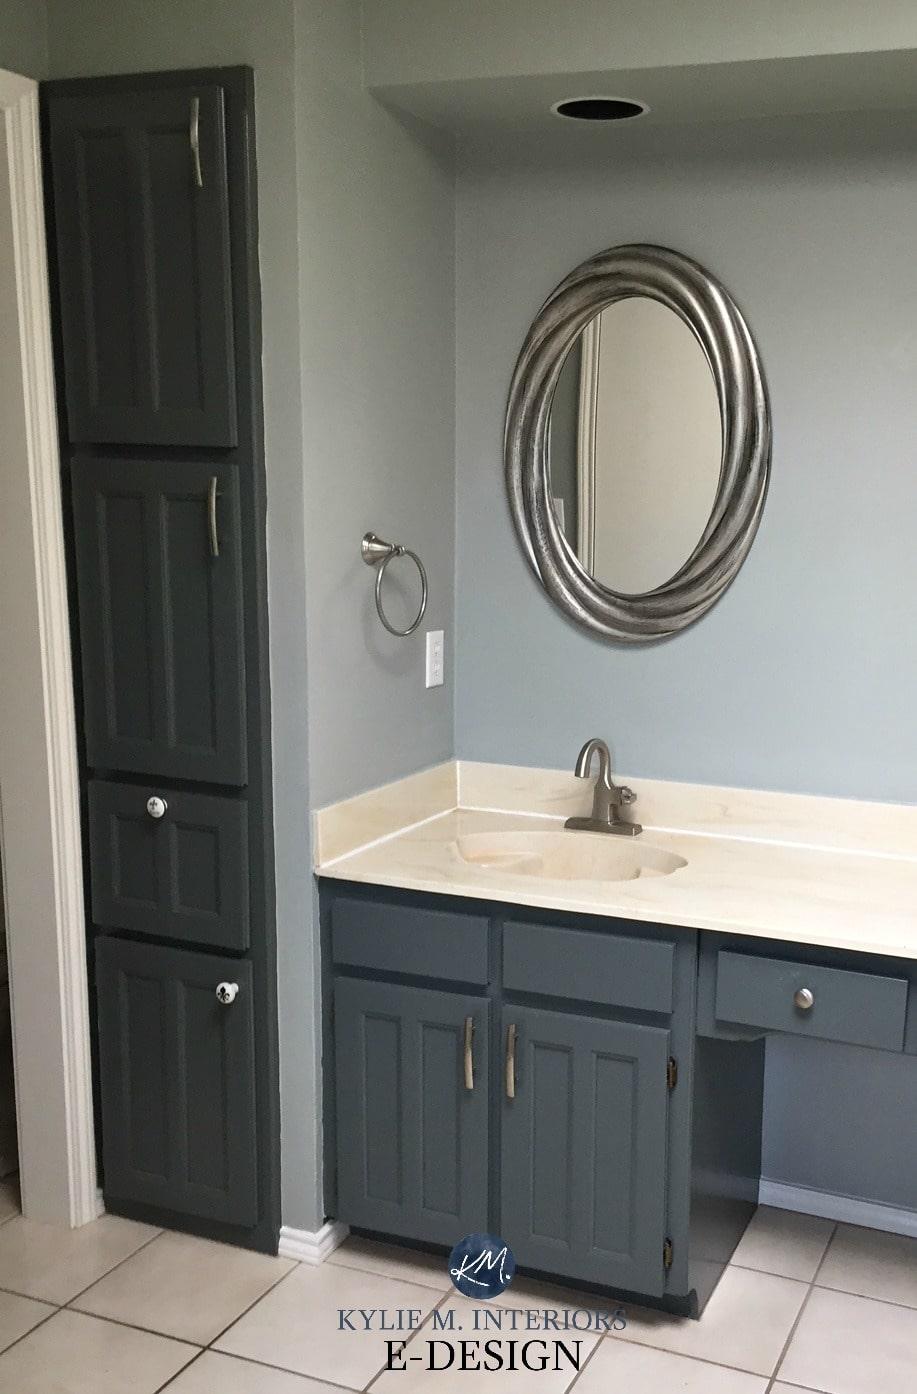 Bathroom With Almond Bone Beige Fixtures And Countertop